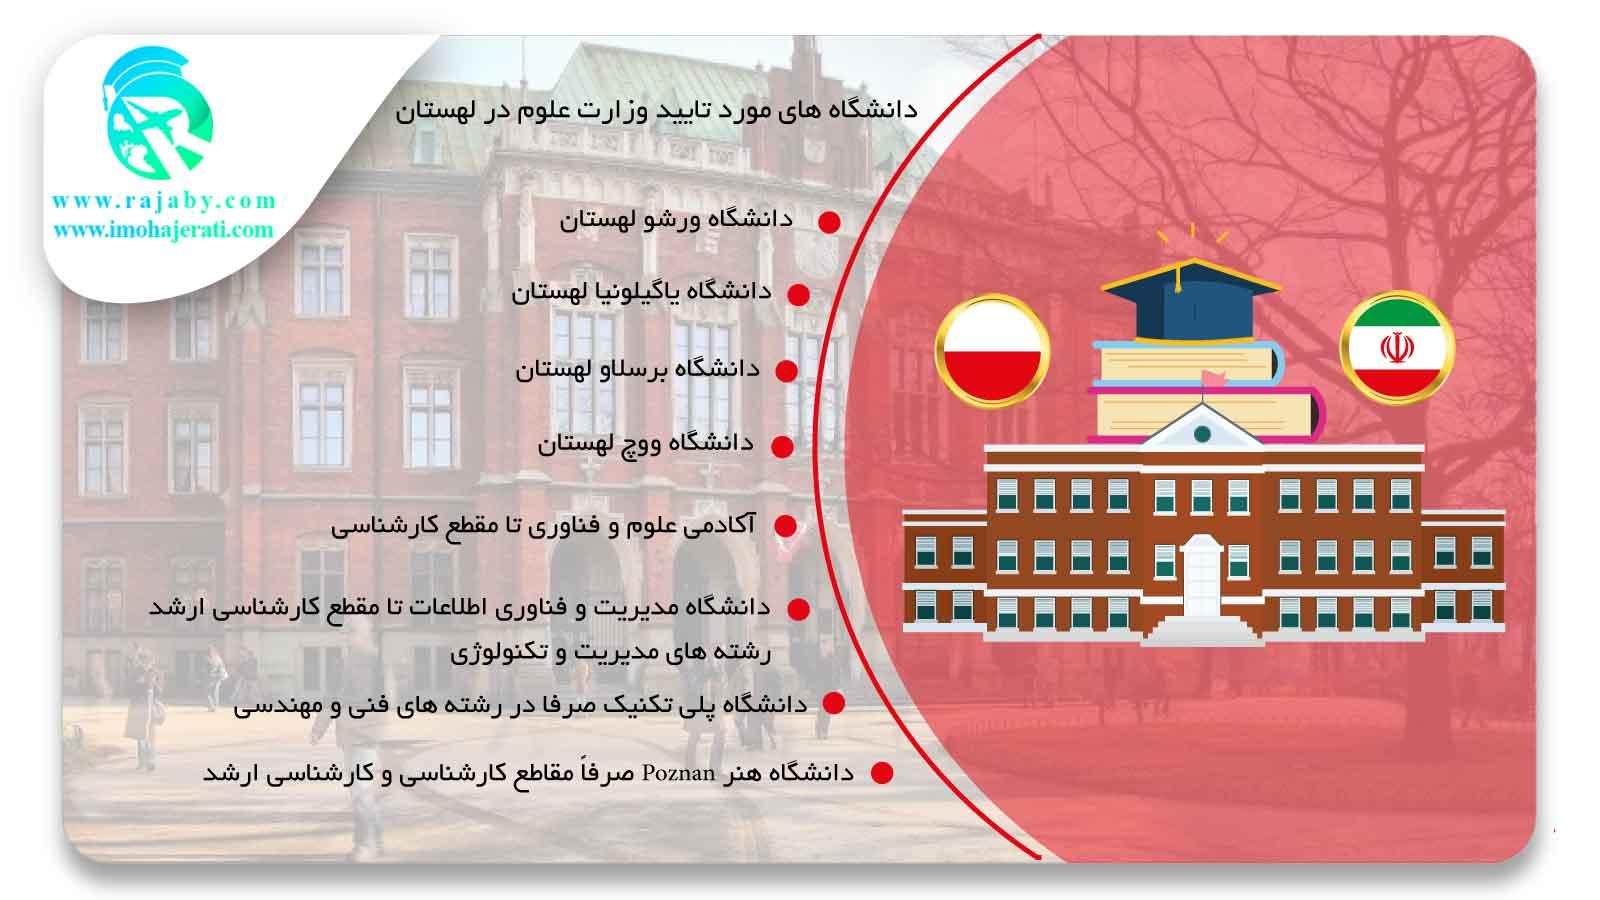 دانشگاه های مورد تایید وزارت علوم در لهستان